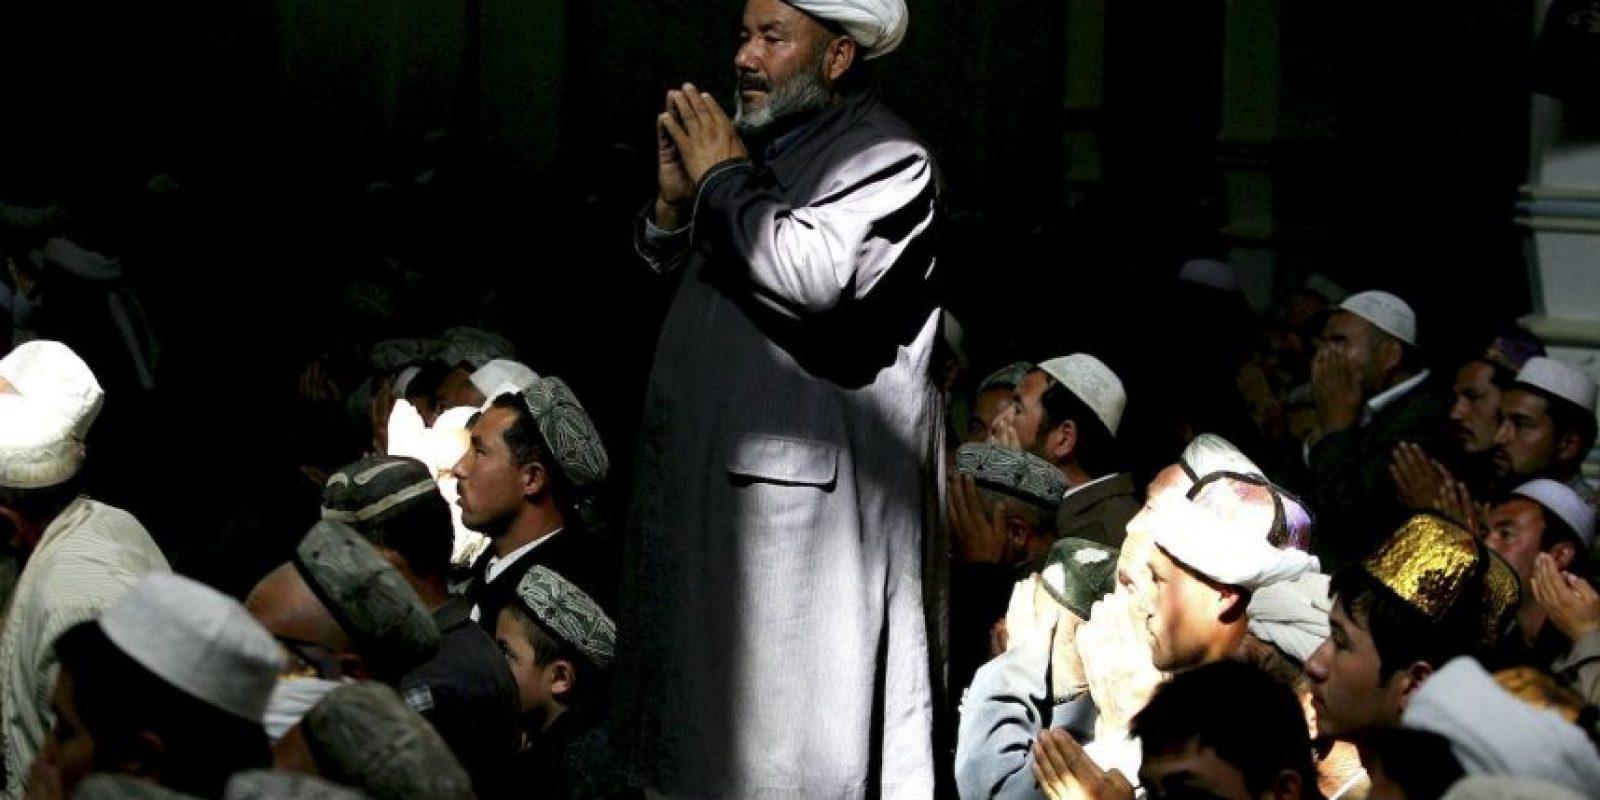 Las autoridades de la región de Xinjiang, en el noroeste de China buscan debilitar la influencia del Islam en los residentes locales. Foto:Getty Images